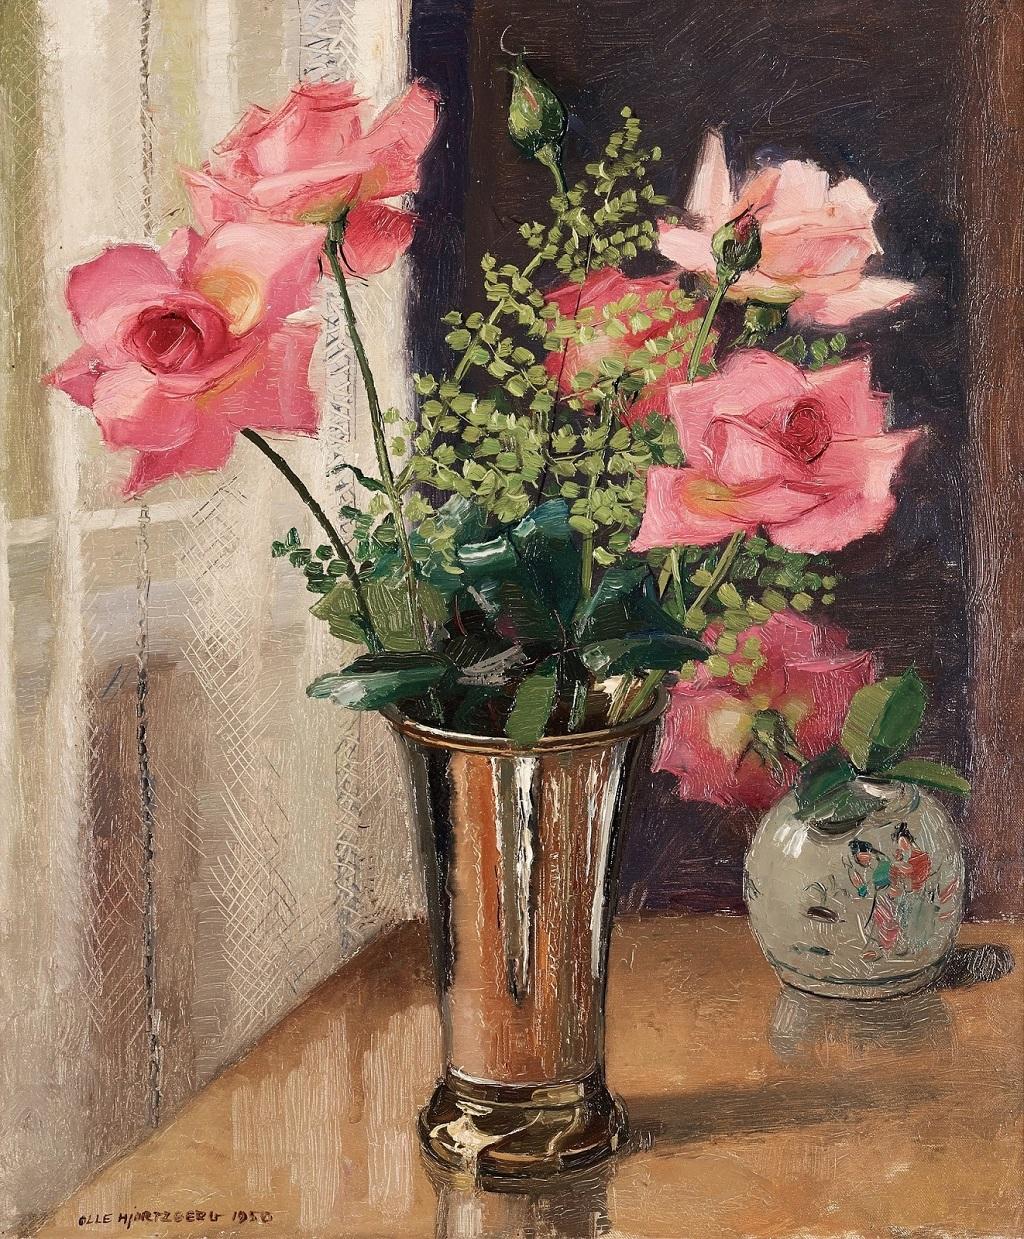 23-1950_Натюрморт с розами в серебряной вазе_65 x 54_х.,м._Частное собрание.jpg